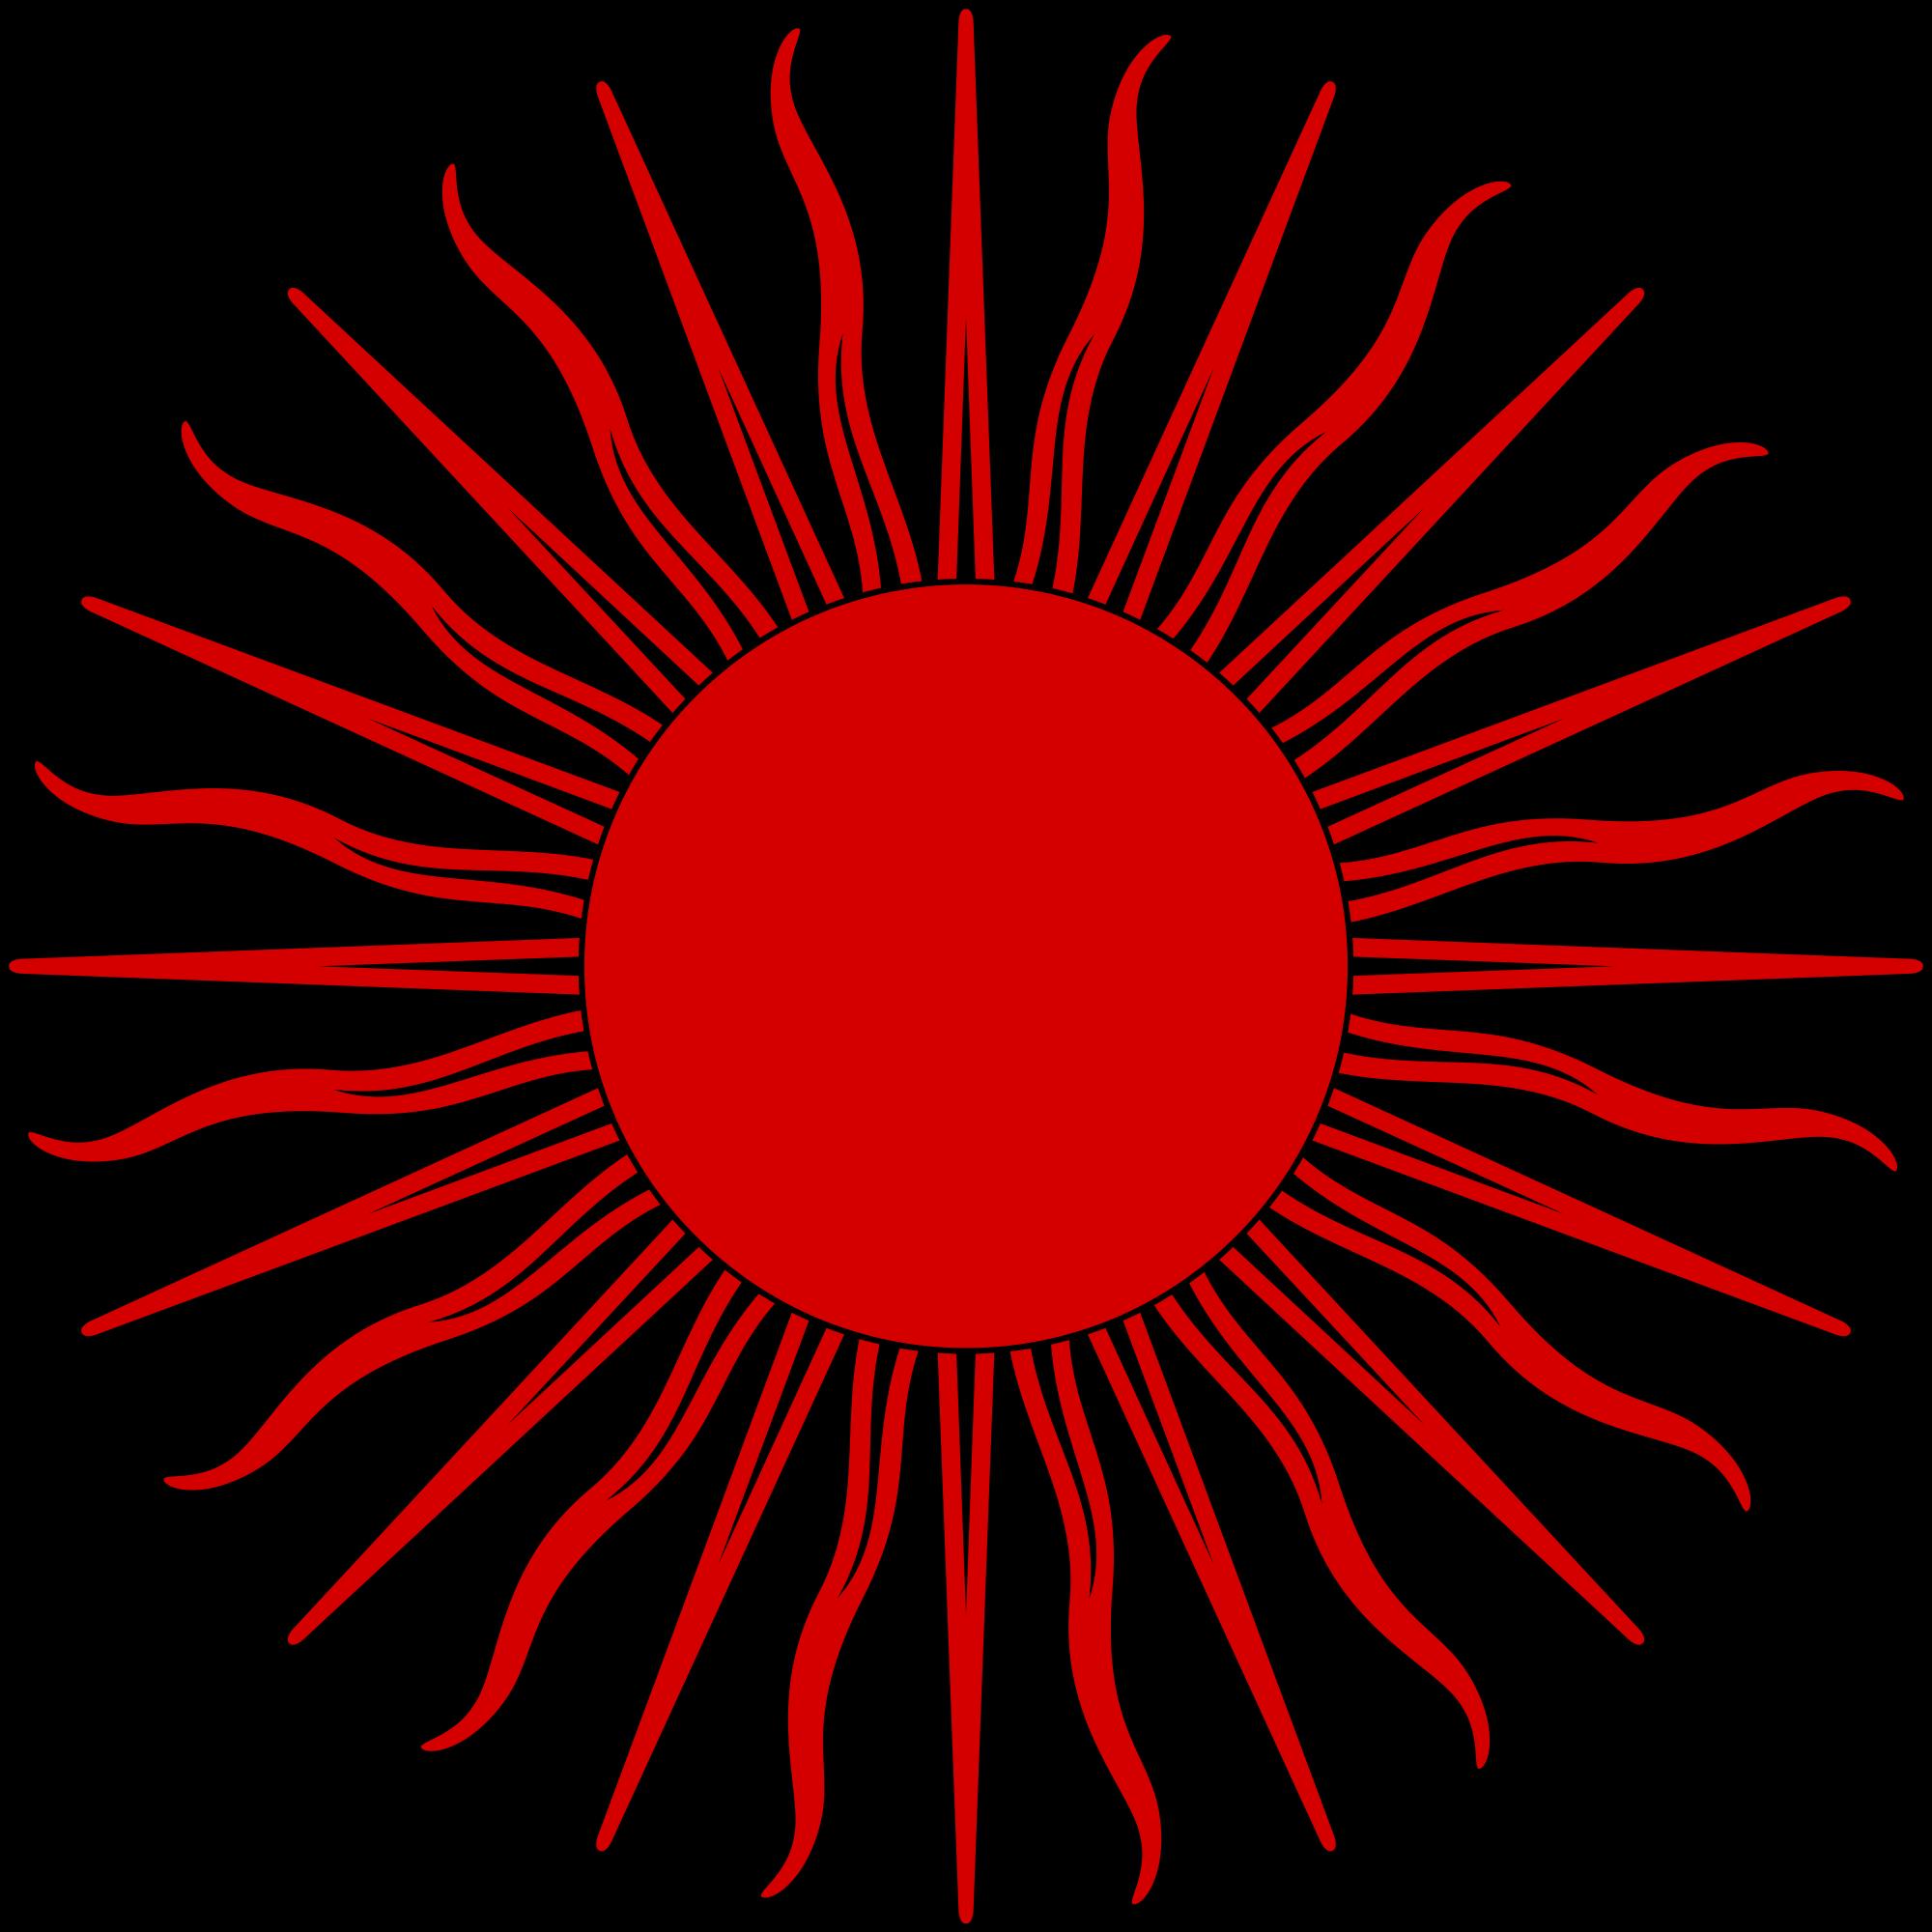 Clipart sun red. File symbol svg wikimedia